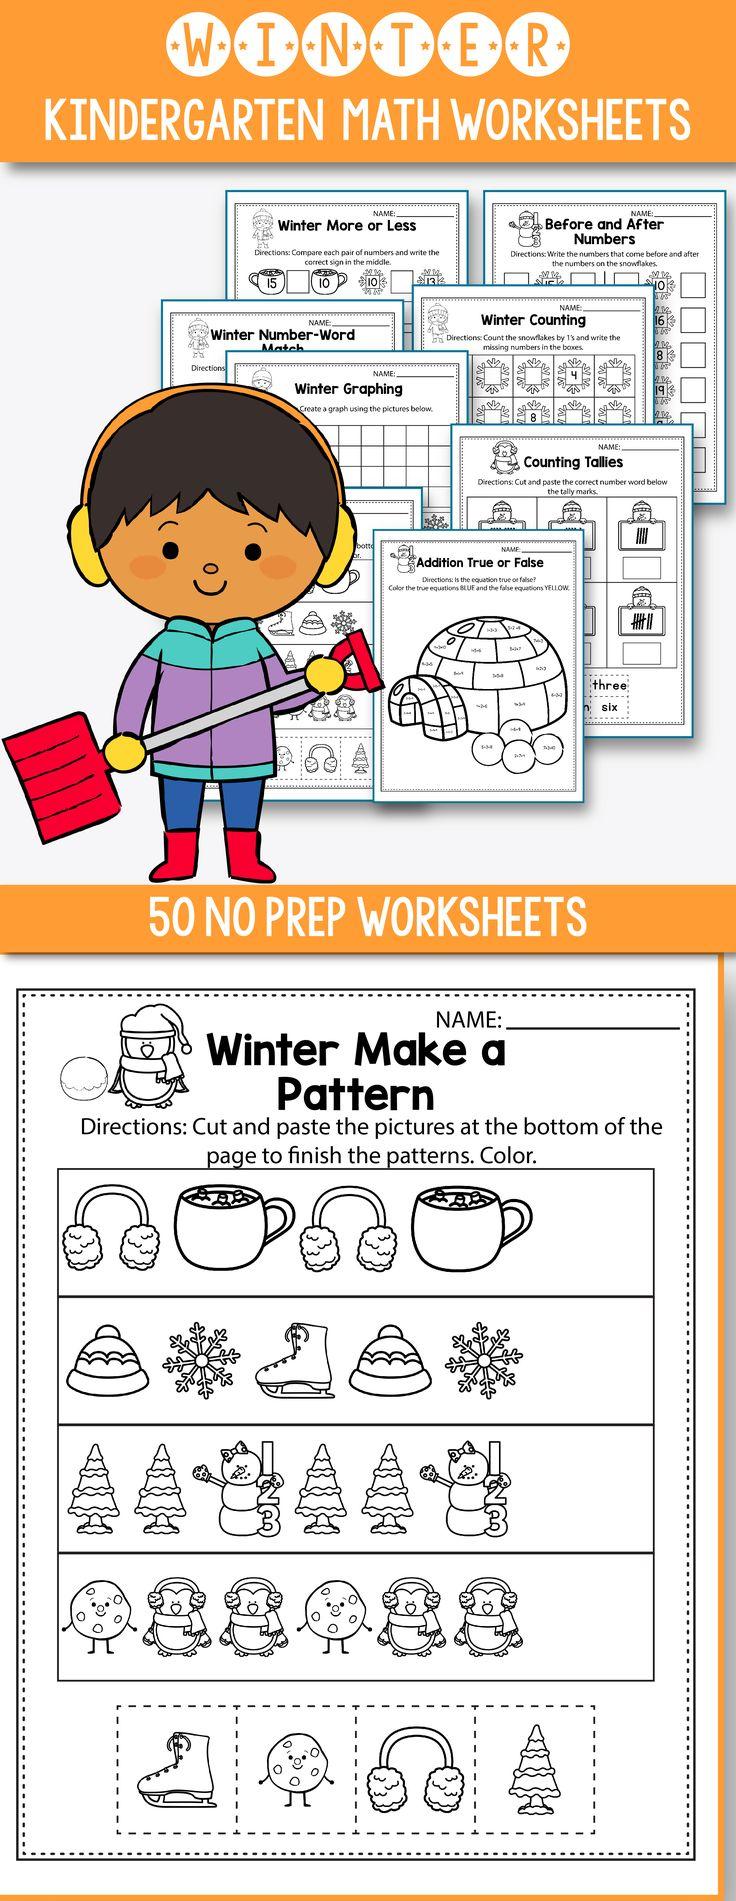 Workbooks sex education worksheets : 2839 best WORKSHEETS GALORE!~ images on Pinterest | Celebration ...